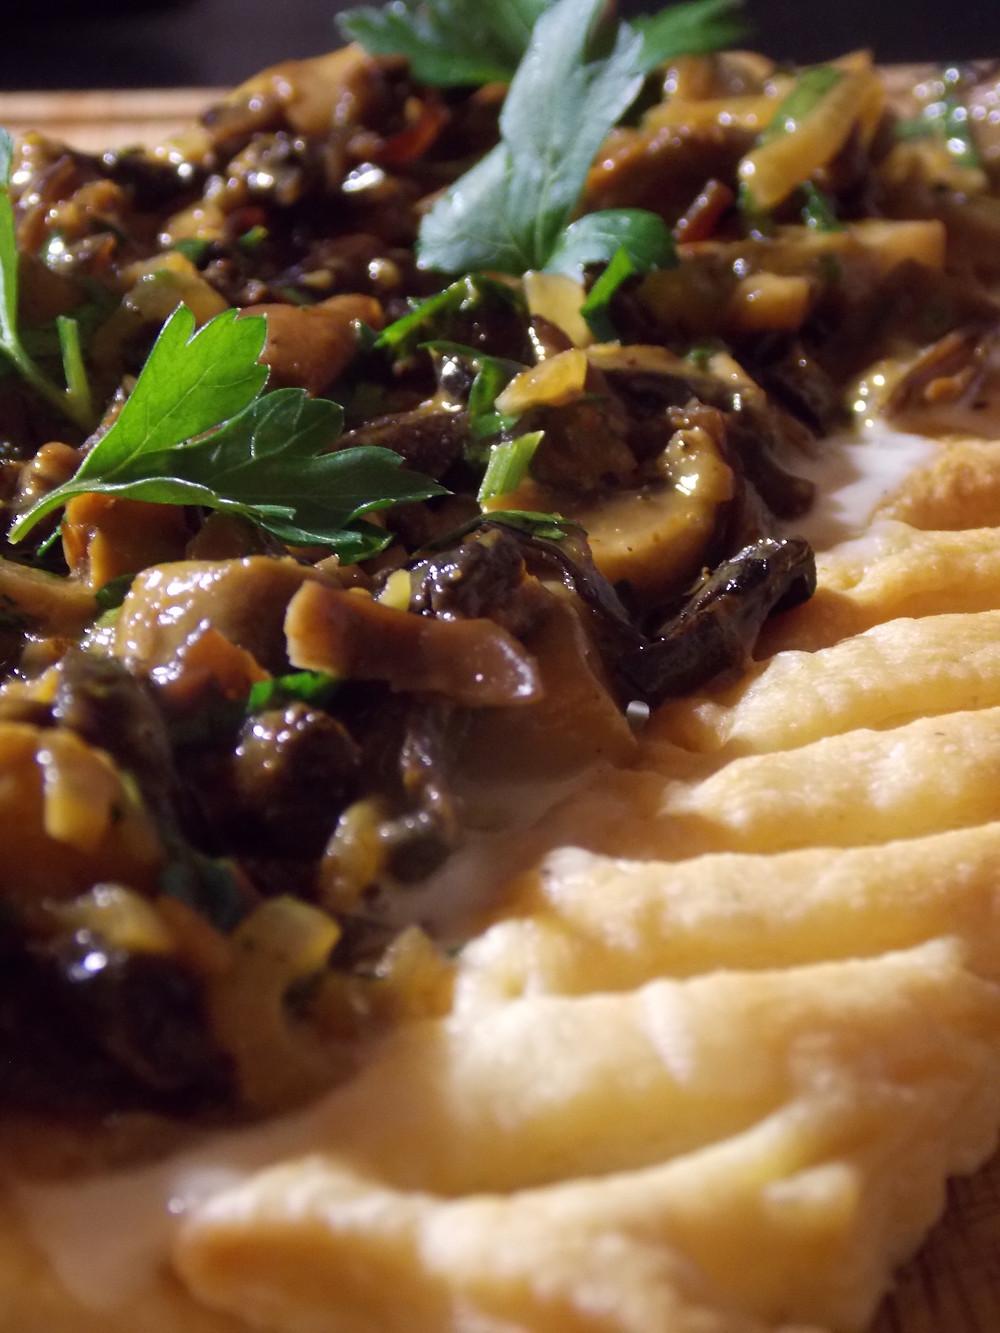 Tarte feuilletée aux champignons et aux noix